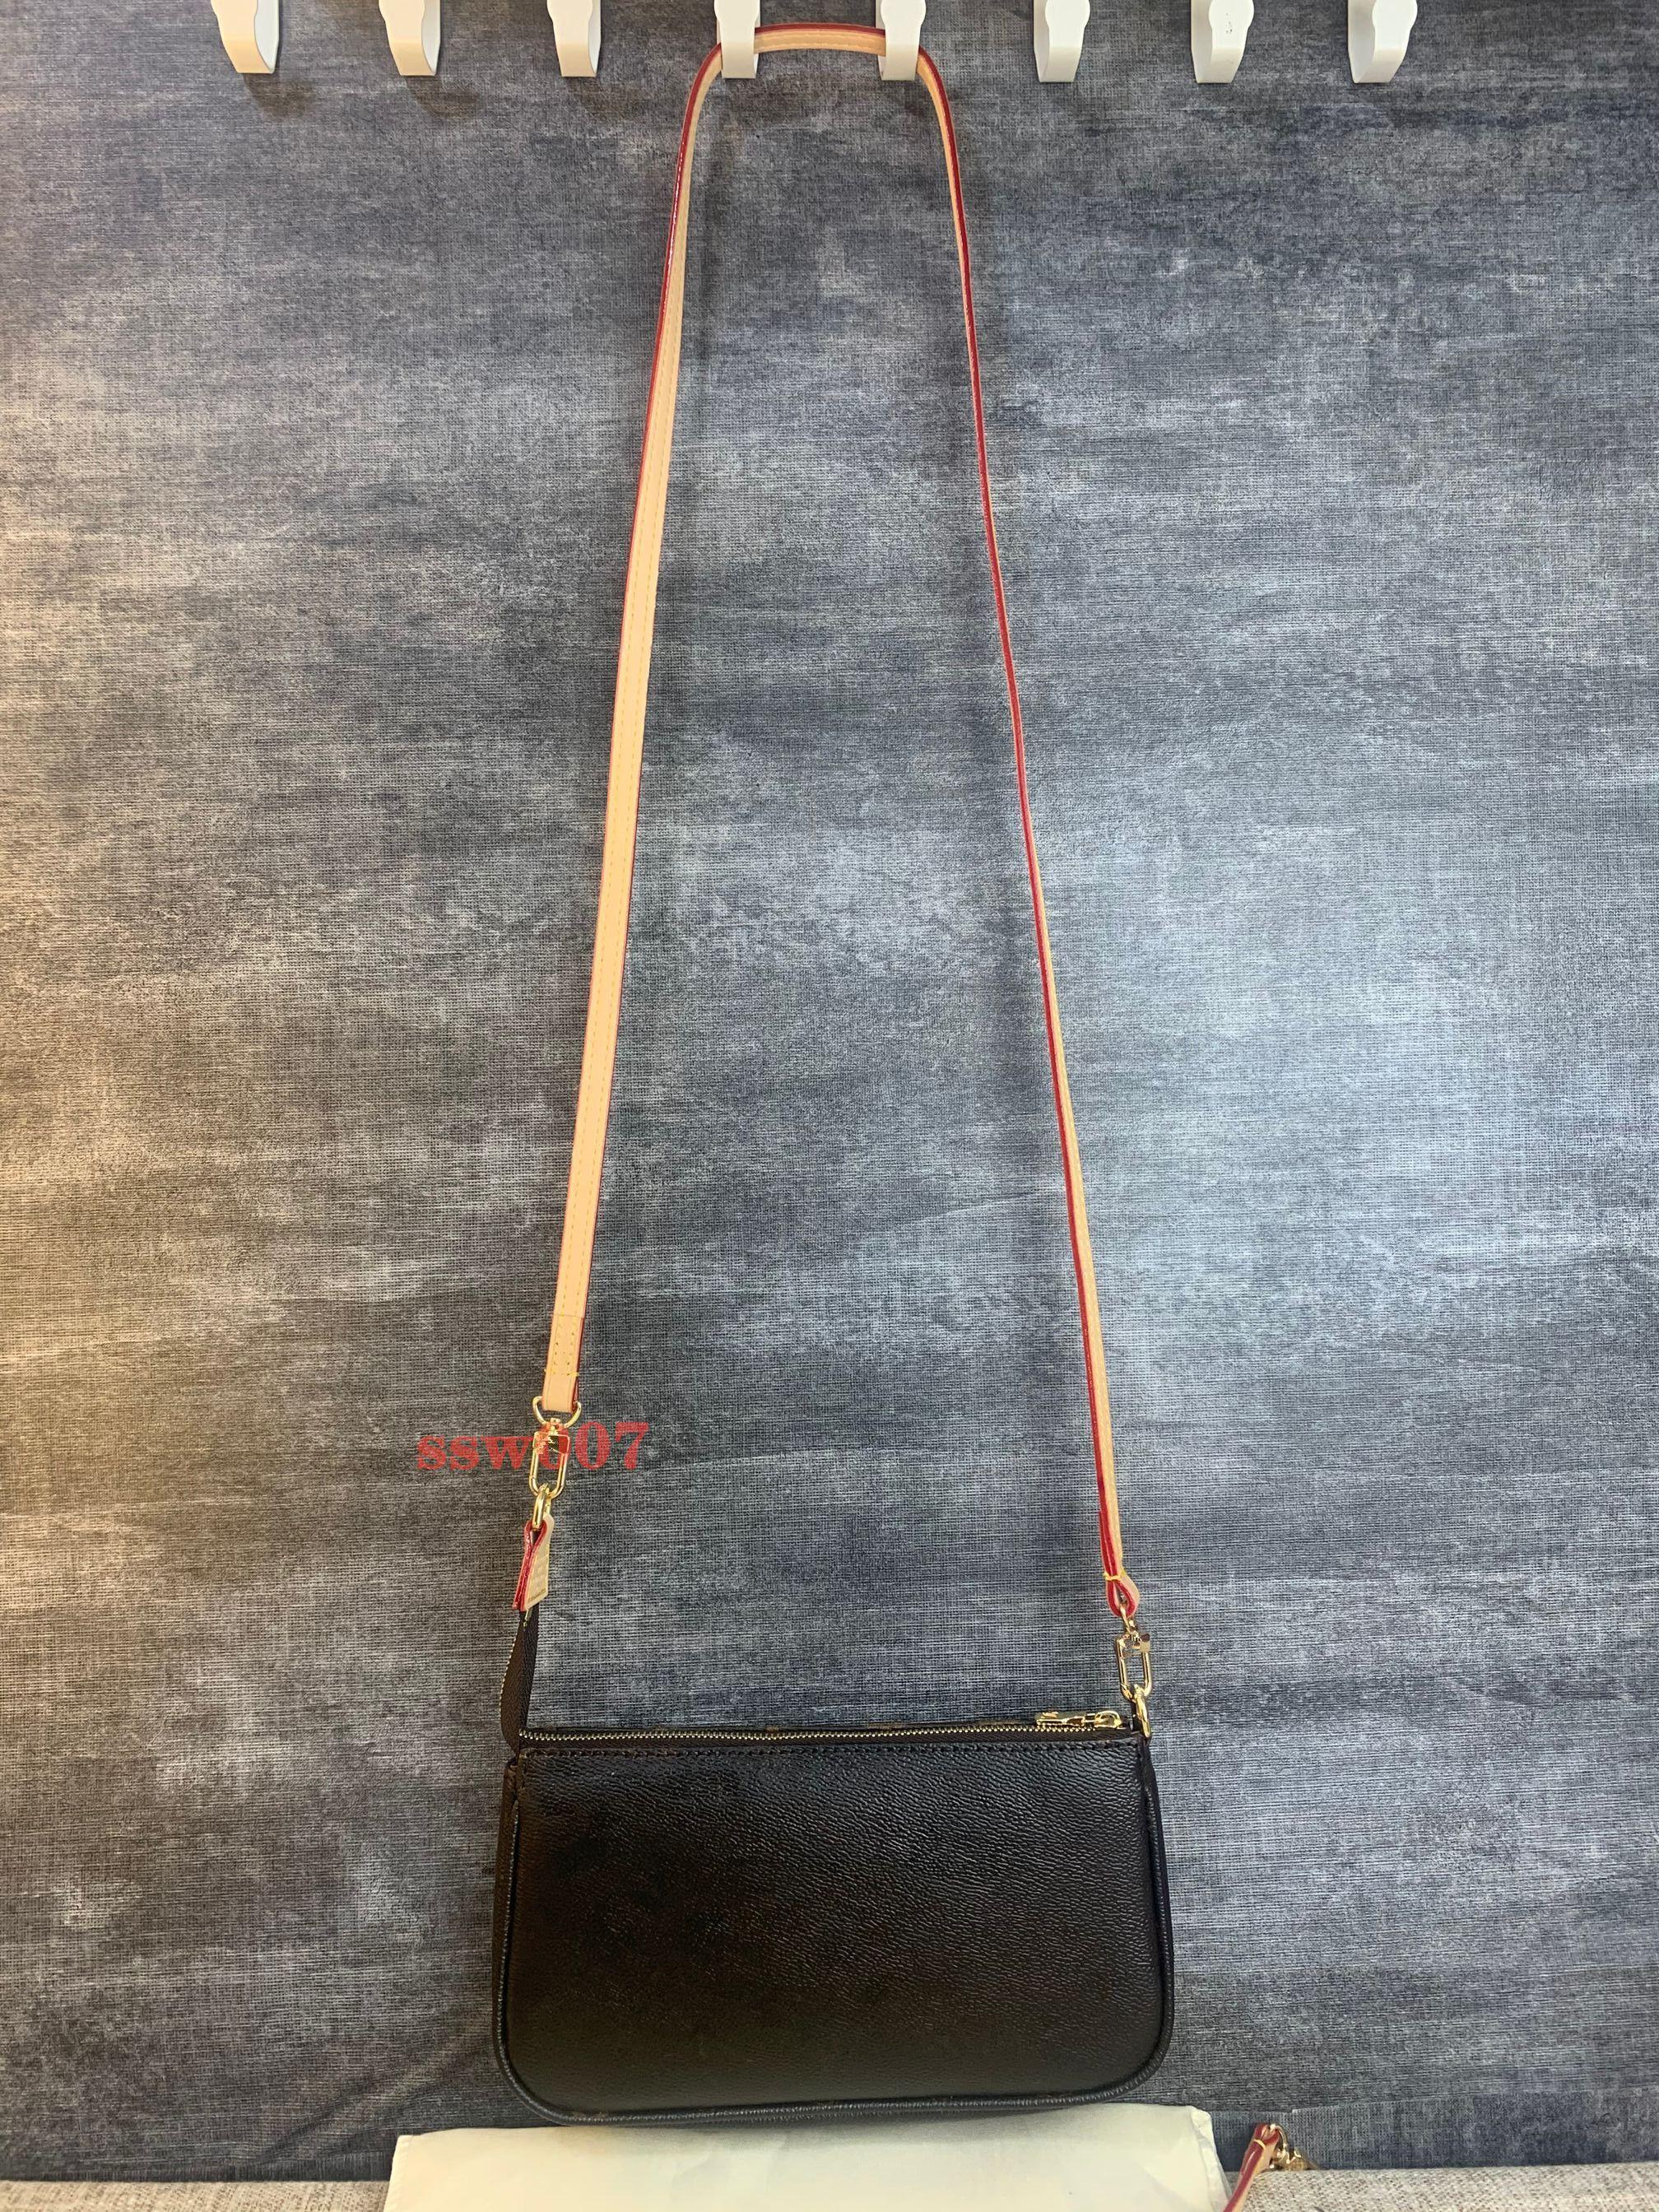 نساء رسول حقيبة 2020 جديد حقائب الكتف فتاة حقيبة سيدة محفظة محفظة مزدوجة الغرض المحمولة وقيأ تمتد حقائب الساخنة حجم جيد